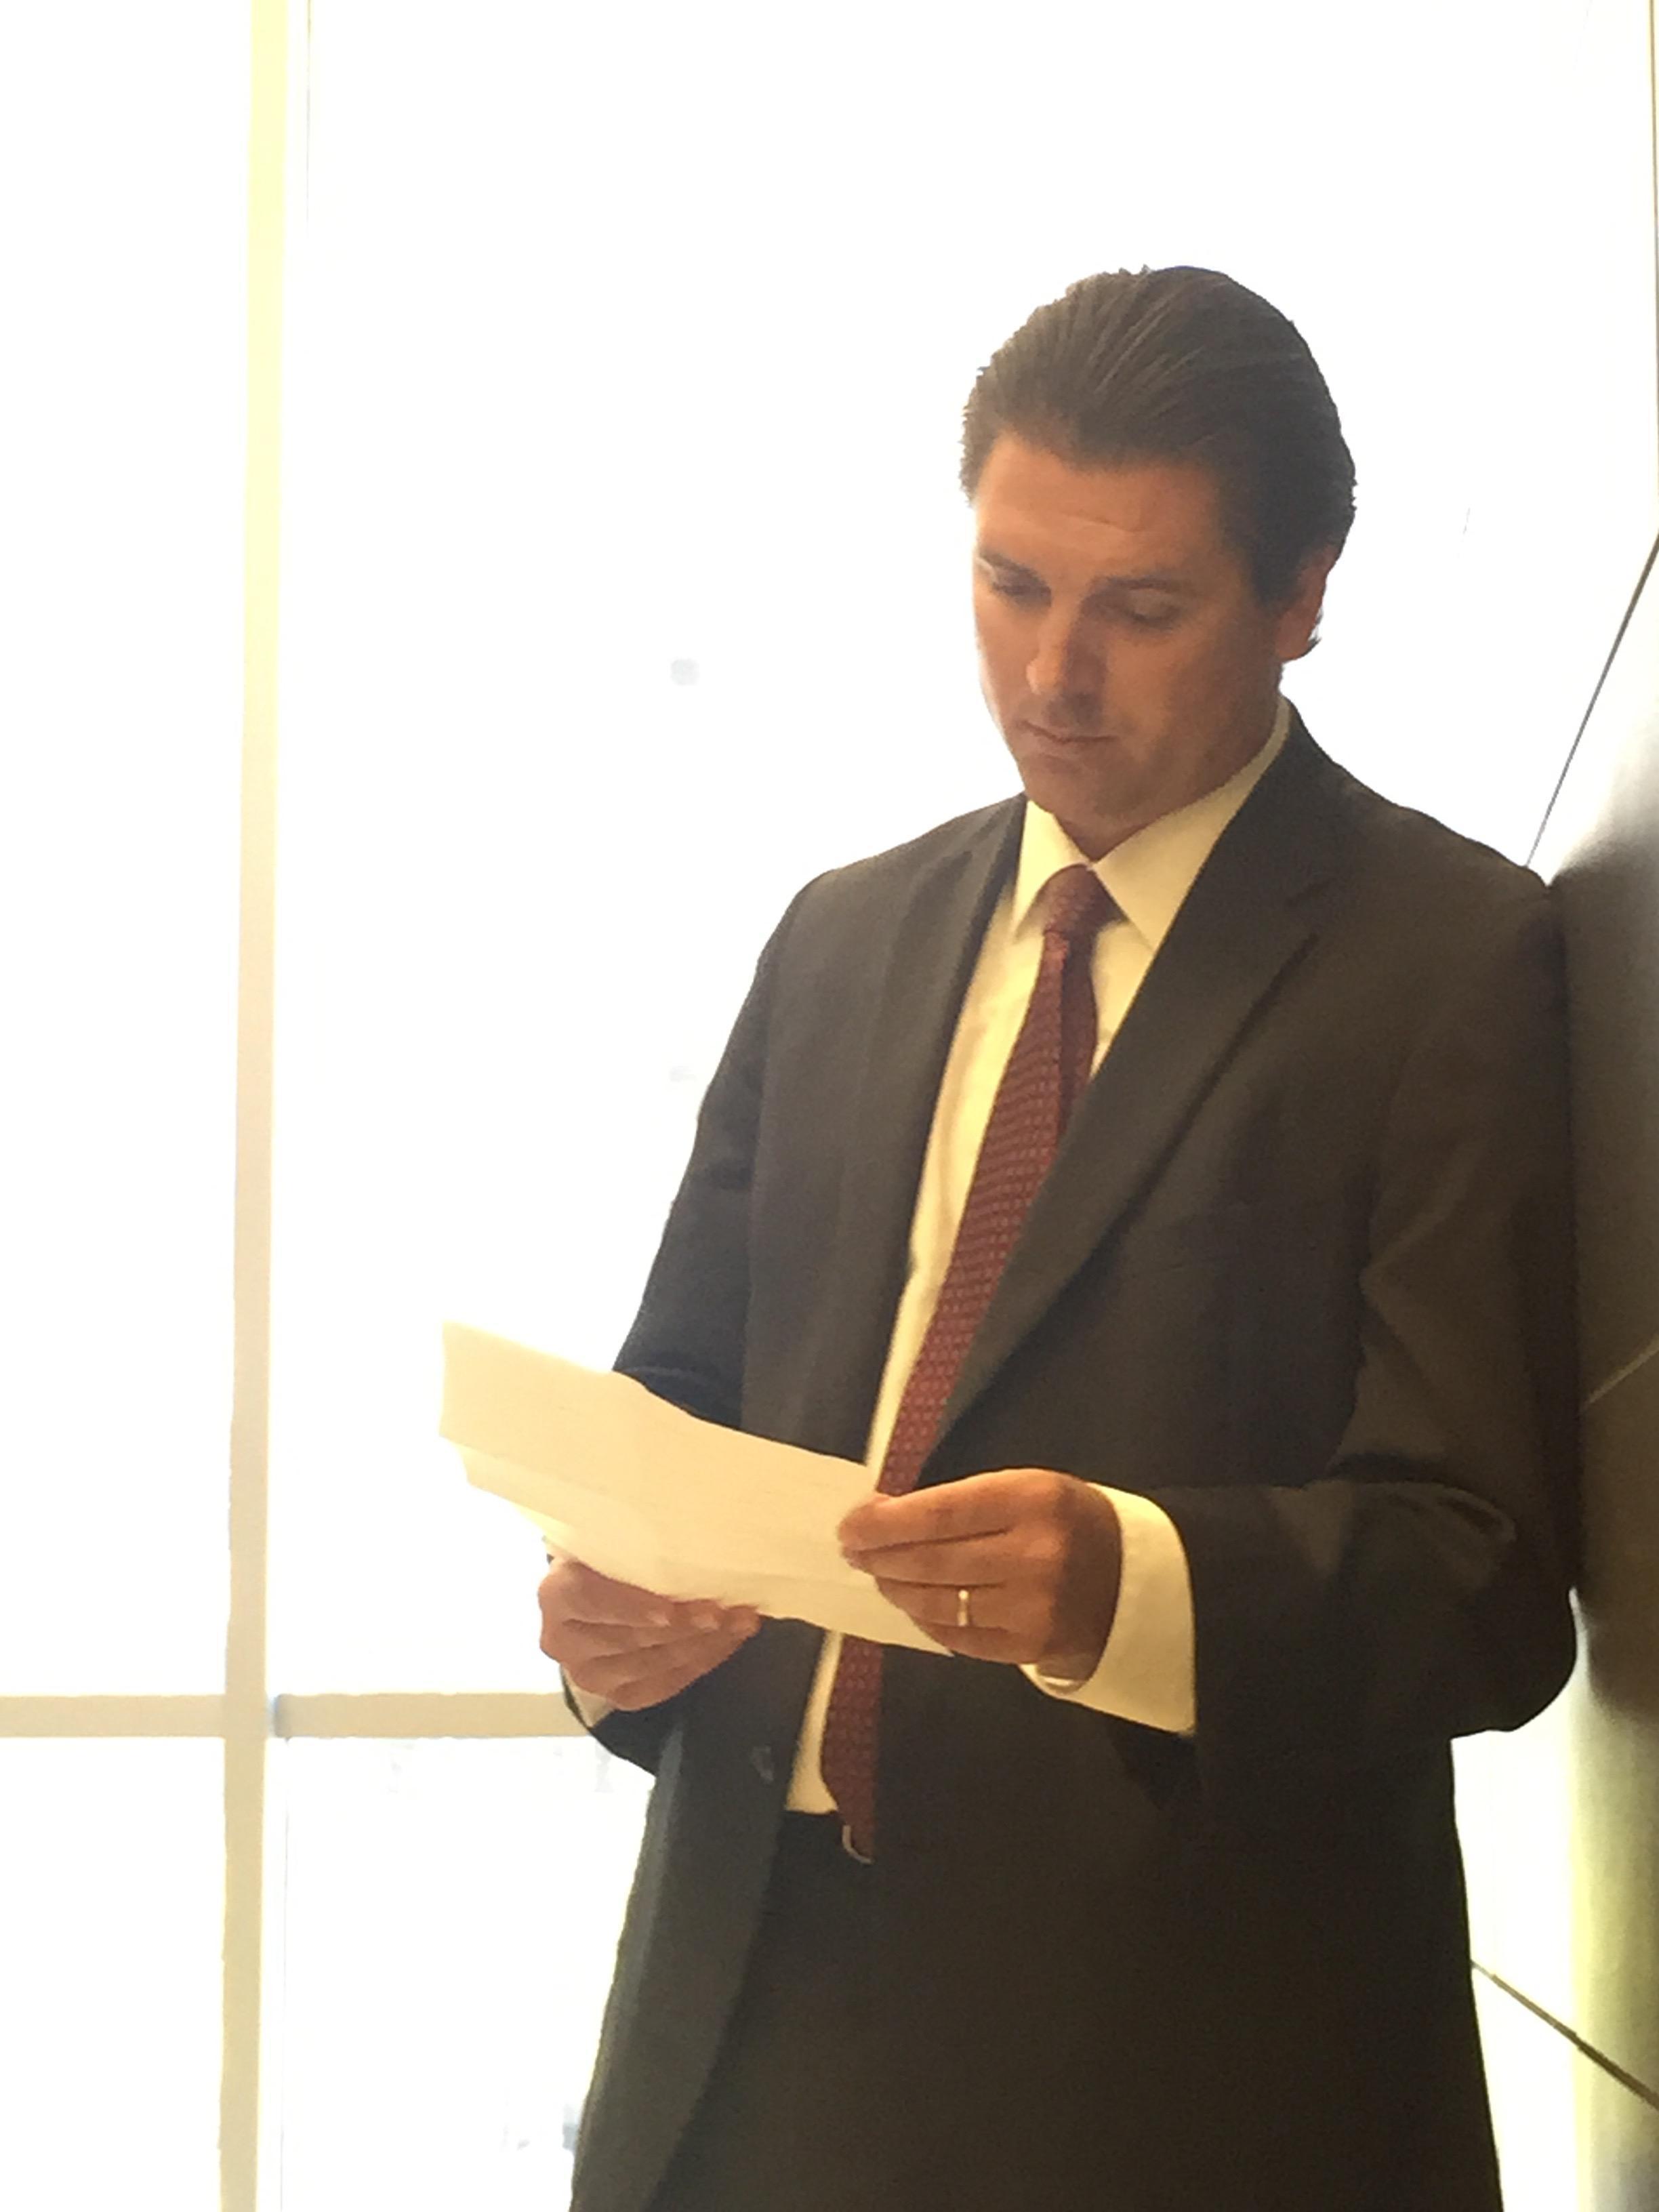 Cialis Columbus Injury Lawyer